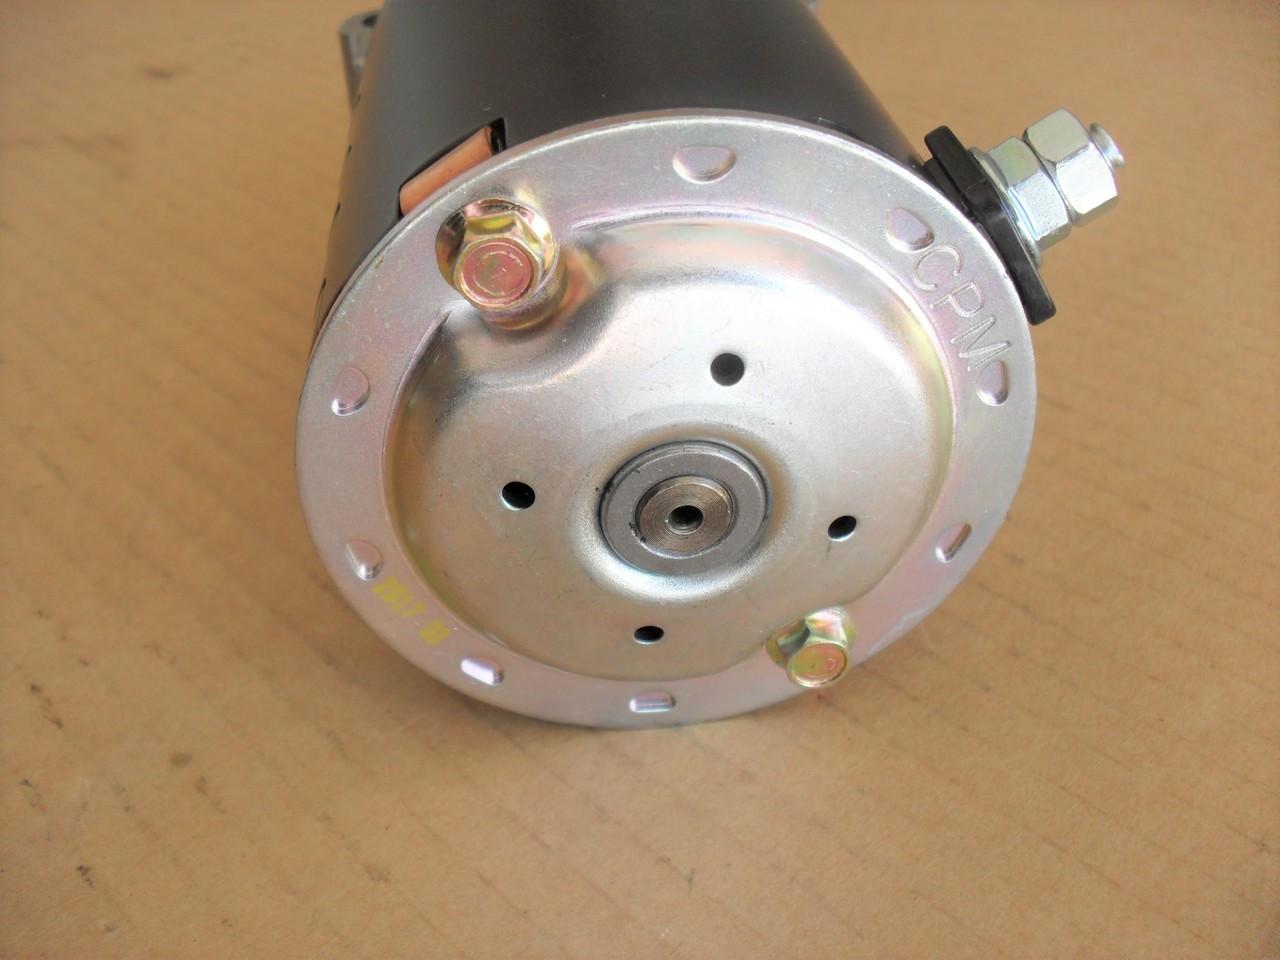 Electric Starter for Kohler Command CV14, CV15, CV16, 1209810, 1209817S, 2509803, 2509803S, 2509804, 2509804S, 2509805, 2509805S, 2509806, 2509806S, 2509807, 2509807S